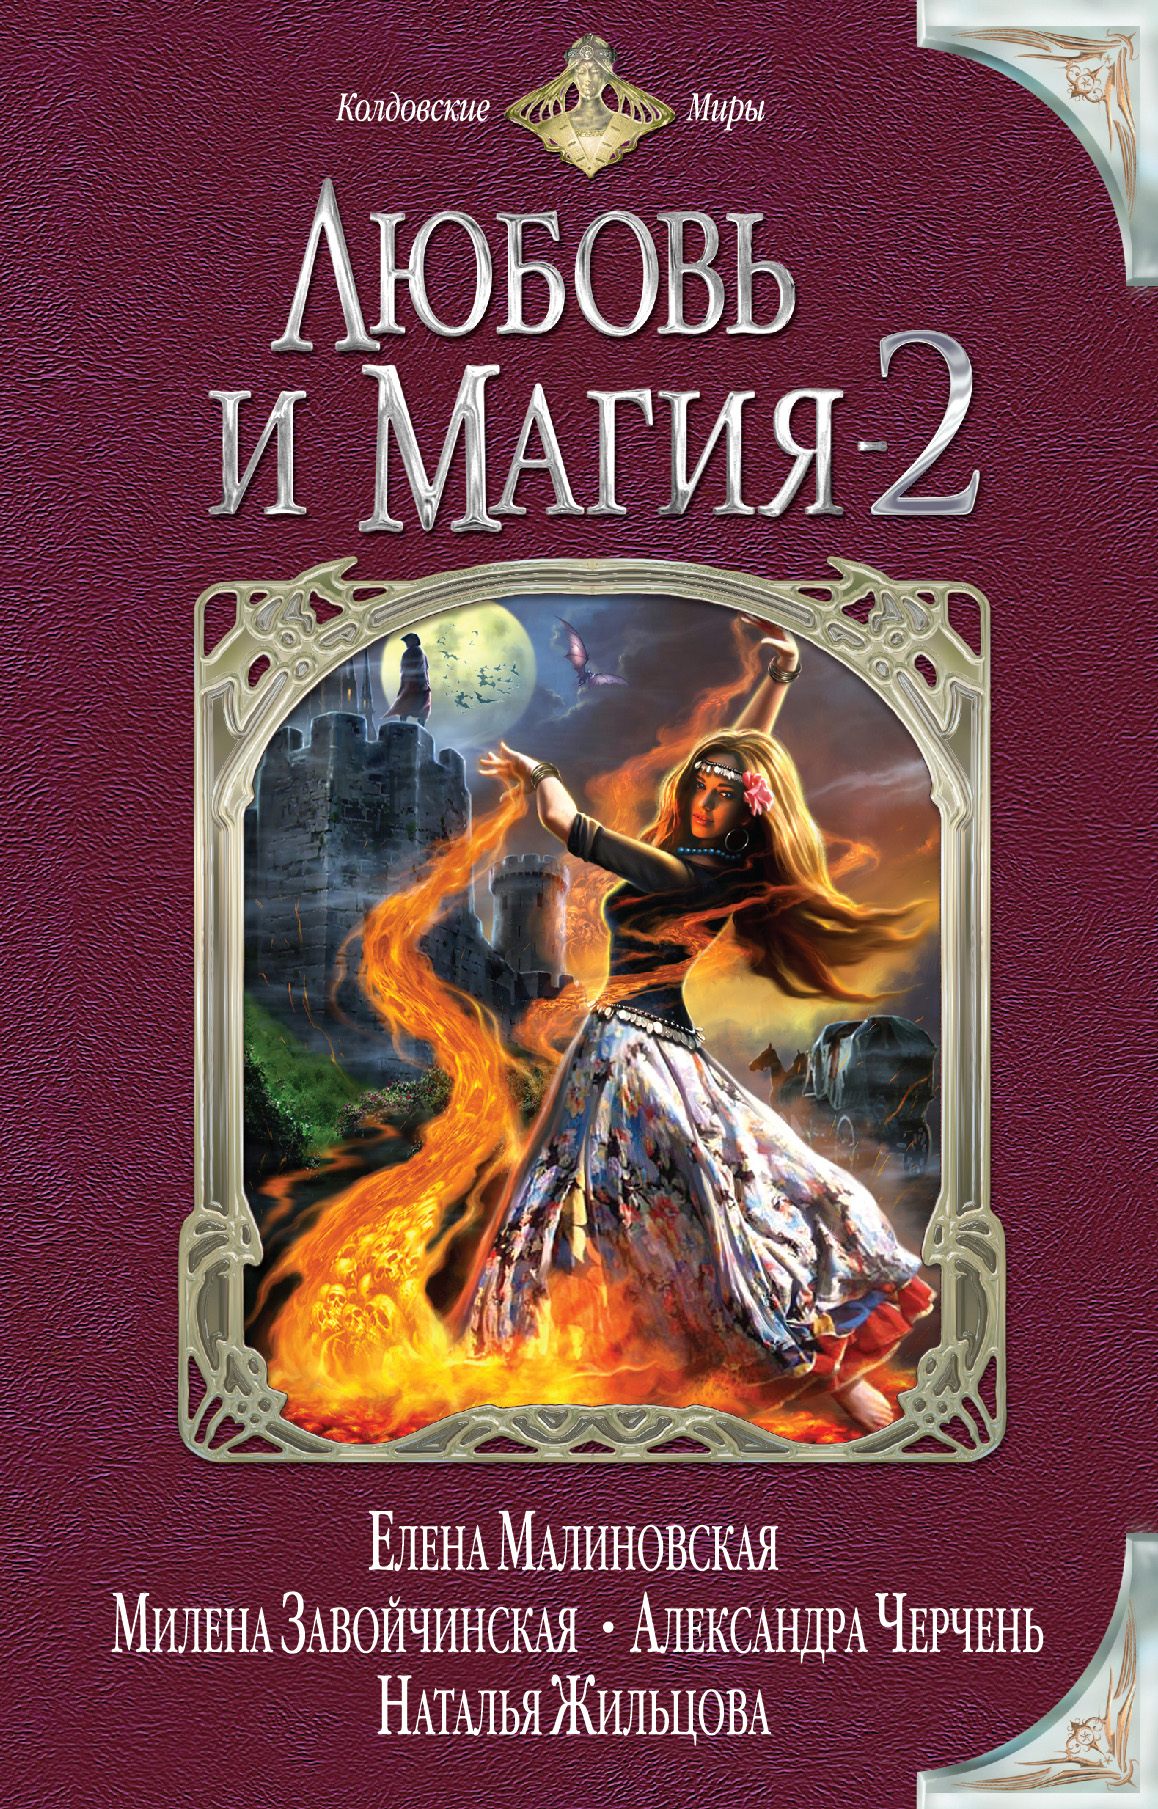 Любовь и магия-2 (сборник)